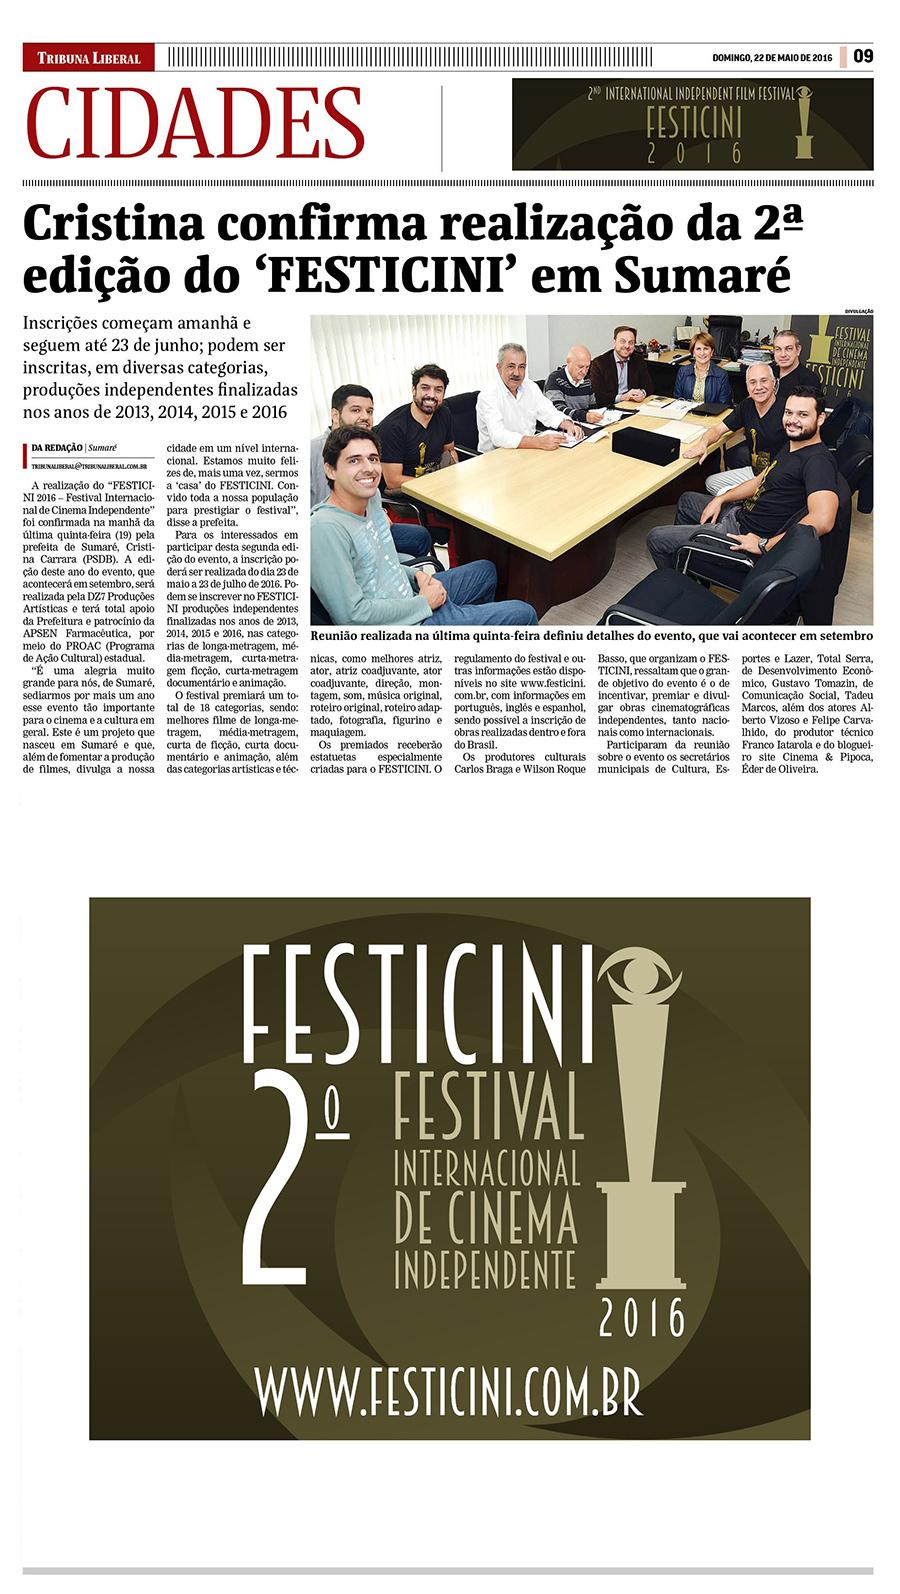 """Cristina confirma realização da 2ª edição do """"FESTICINI"""" em Sumaré"""